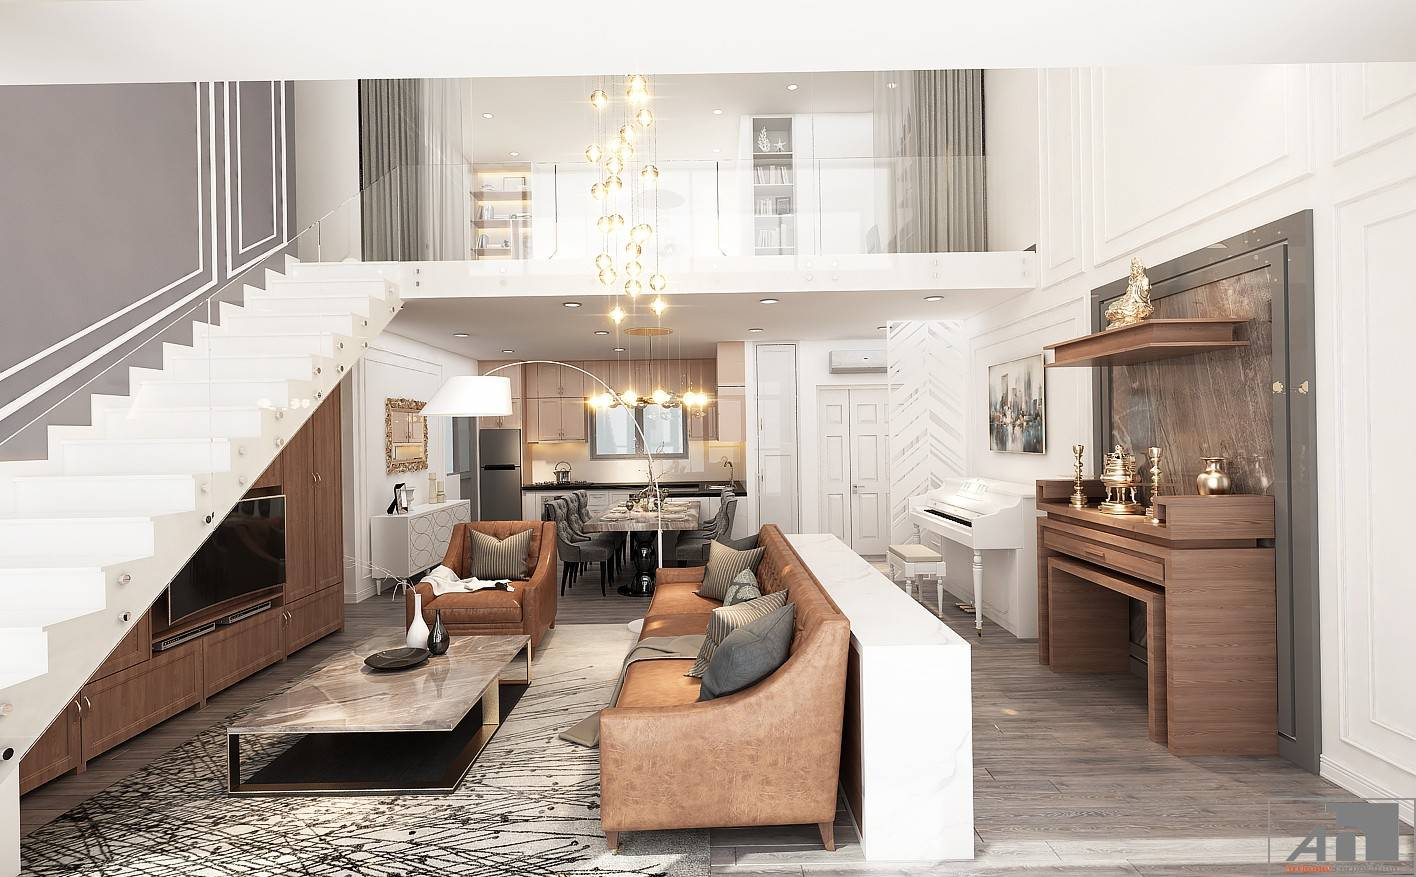 thiết kế nội thất căn hộ bán cổ điển 250m2